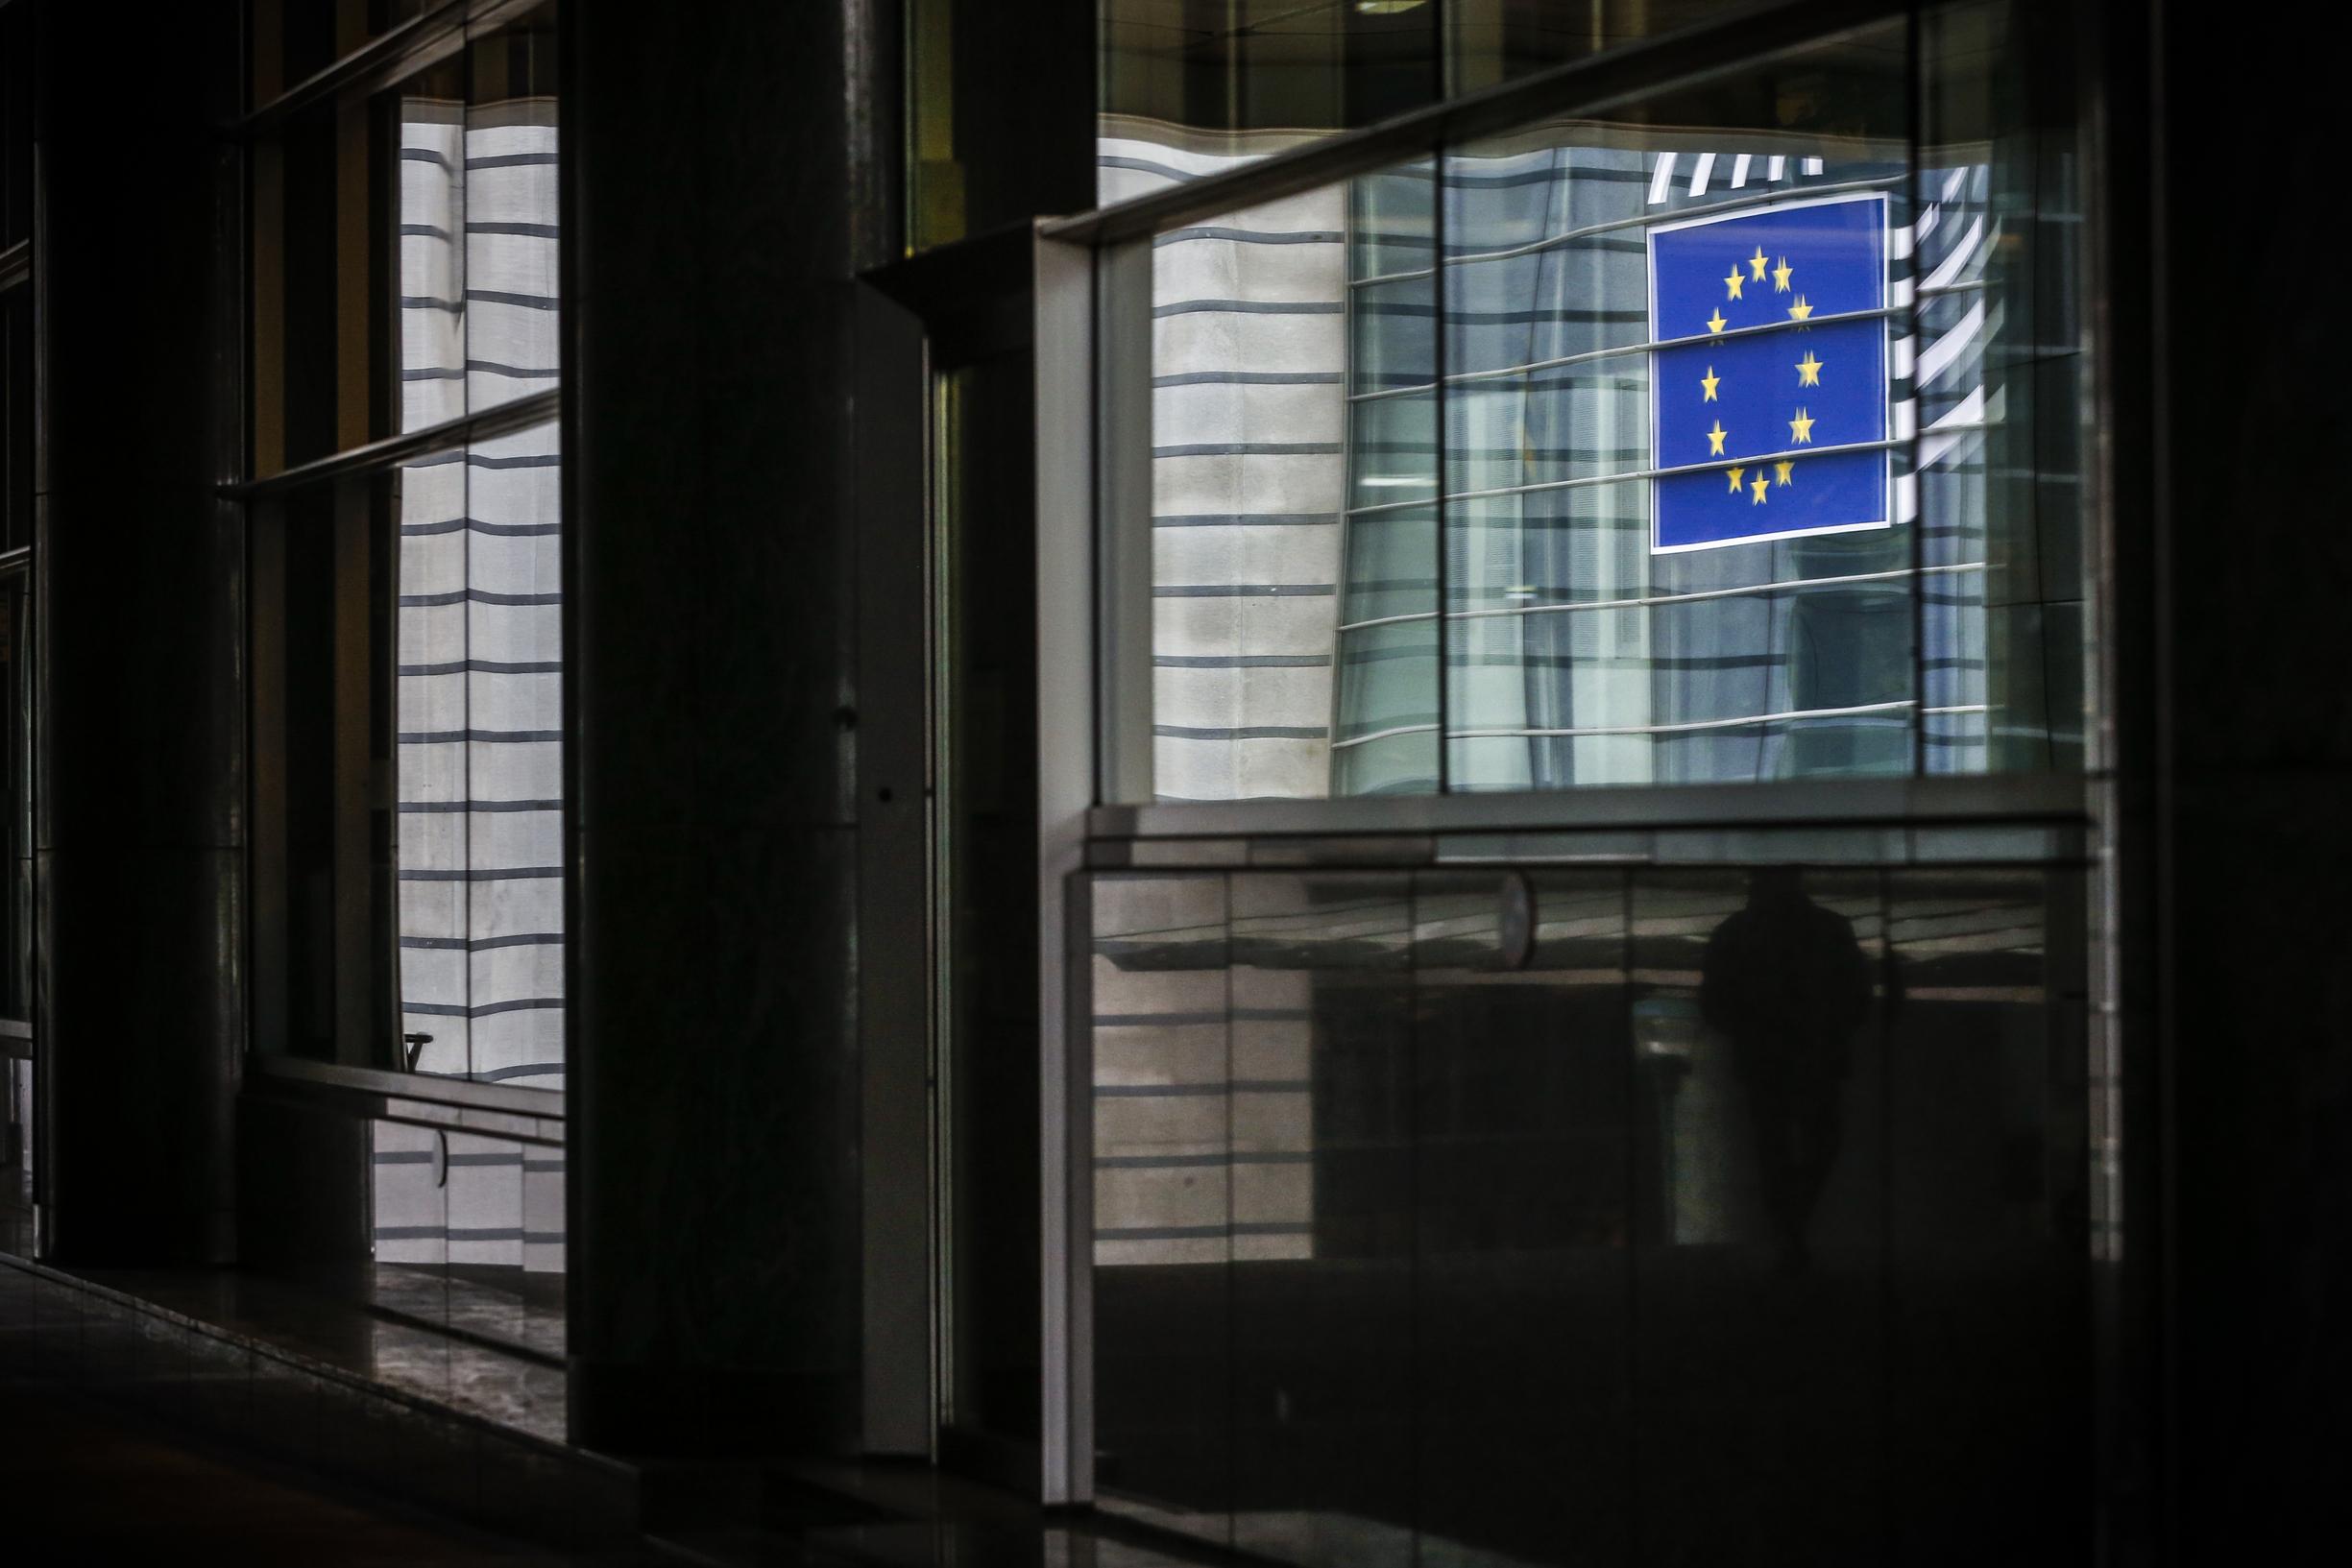 Elezioni europee 2019 candidati principali per partito, i nomi dei big